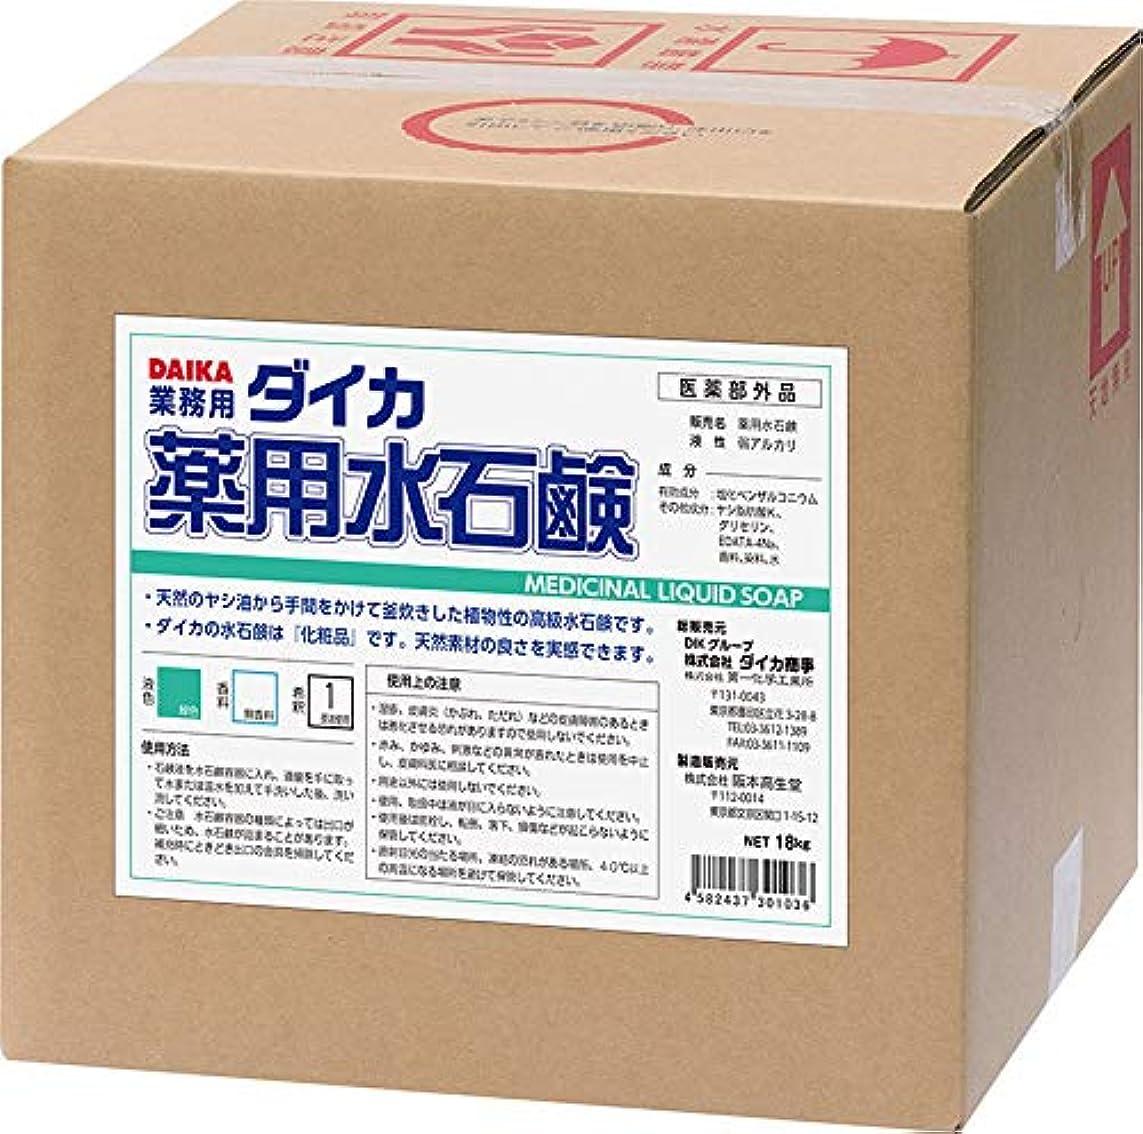 ピース塊オーバーフロー【医薬部外品】業務用 ハンドソープ ダイカ 薬用 水石鹸 MGN 18kg